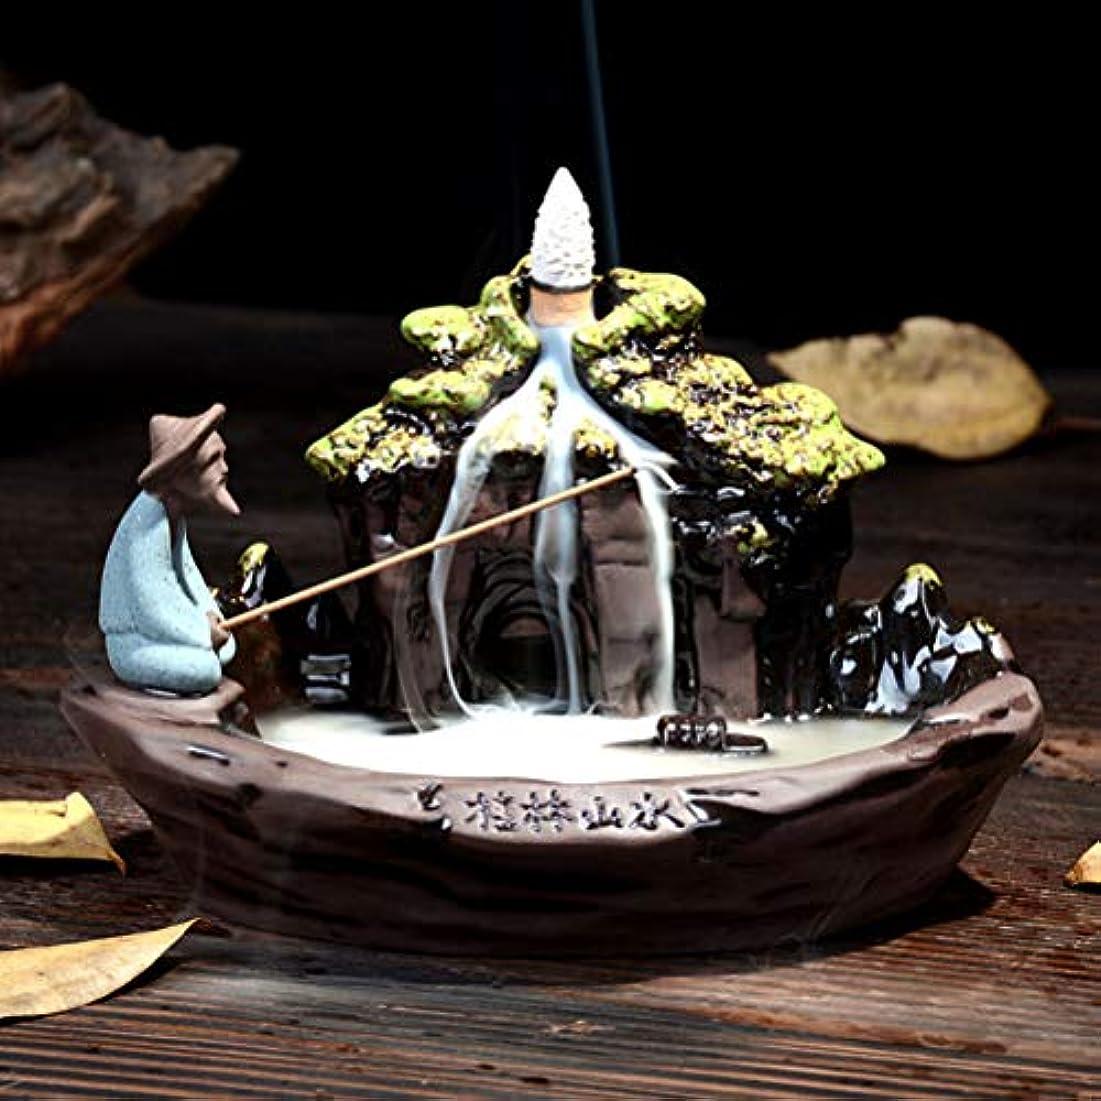 非難石化するインディカ逆流香バーナー家の装飾セラミック煙逆流香スティックホルダーセンサー